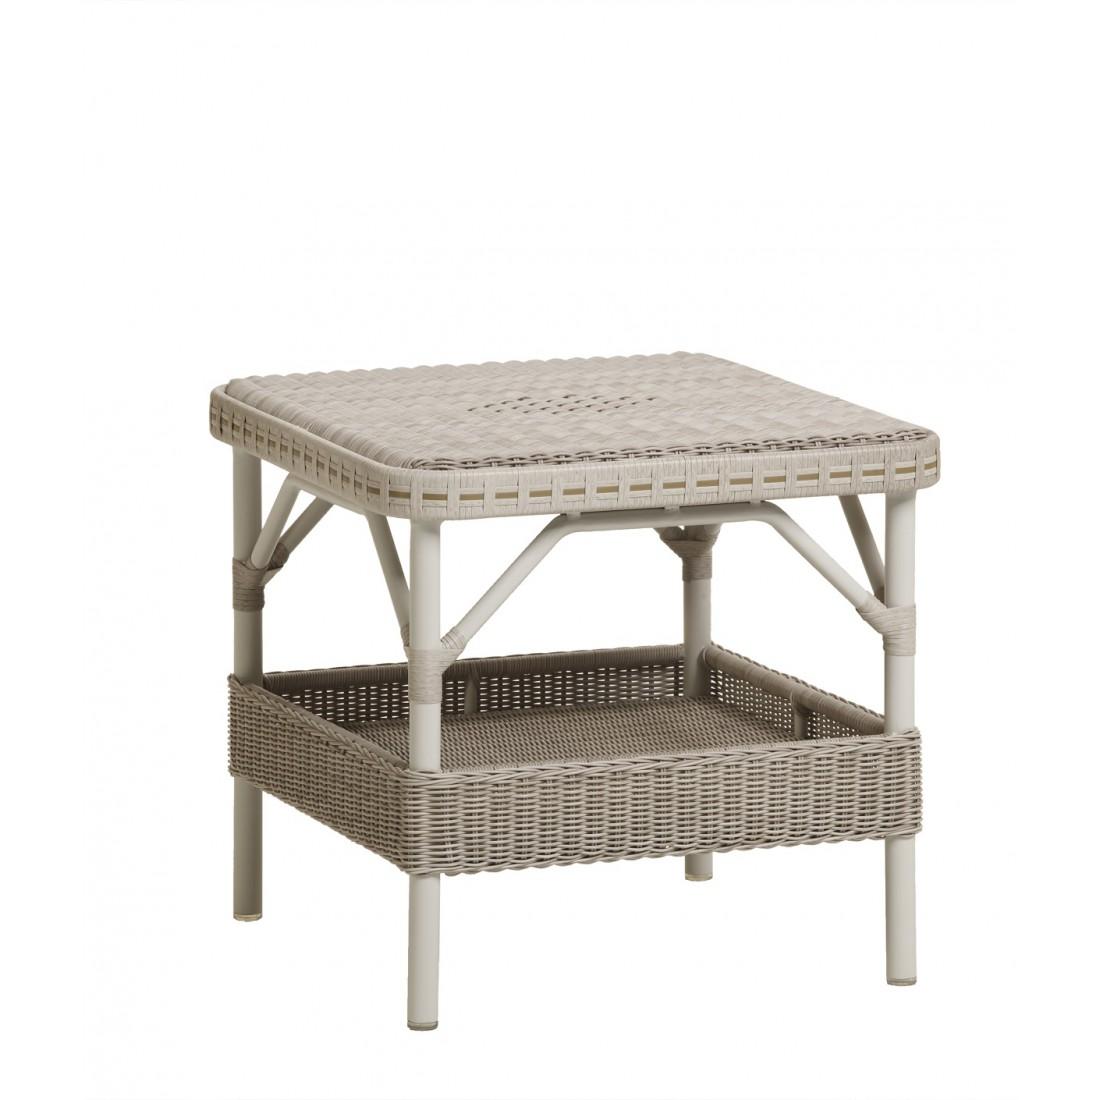 Table basse en r sine dune nantucket pm - Table basse en resine ...